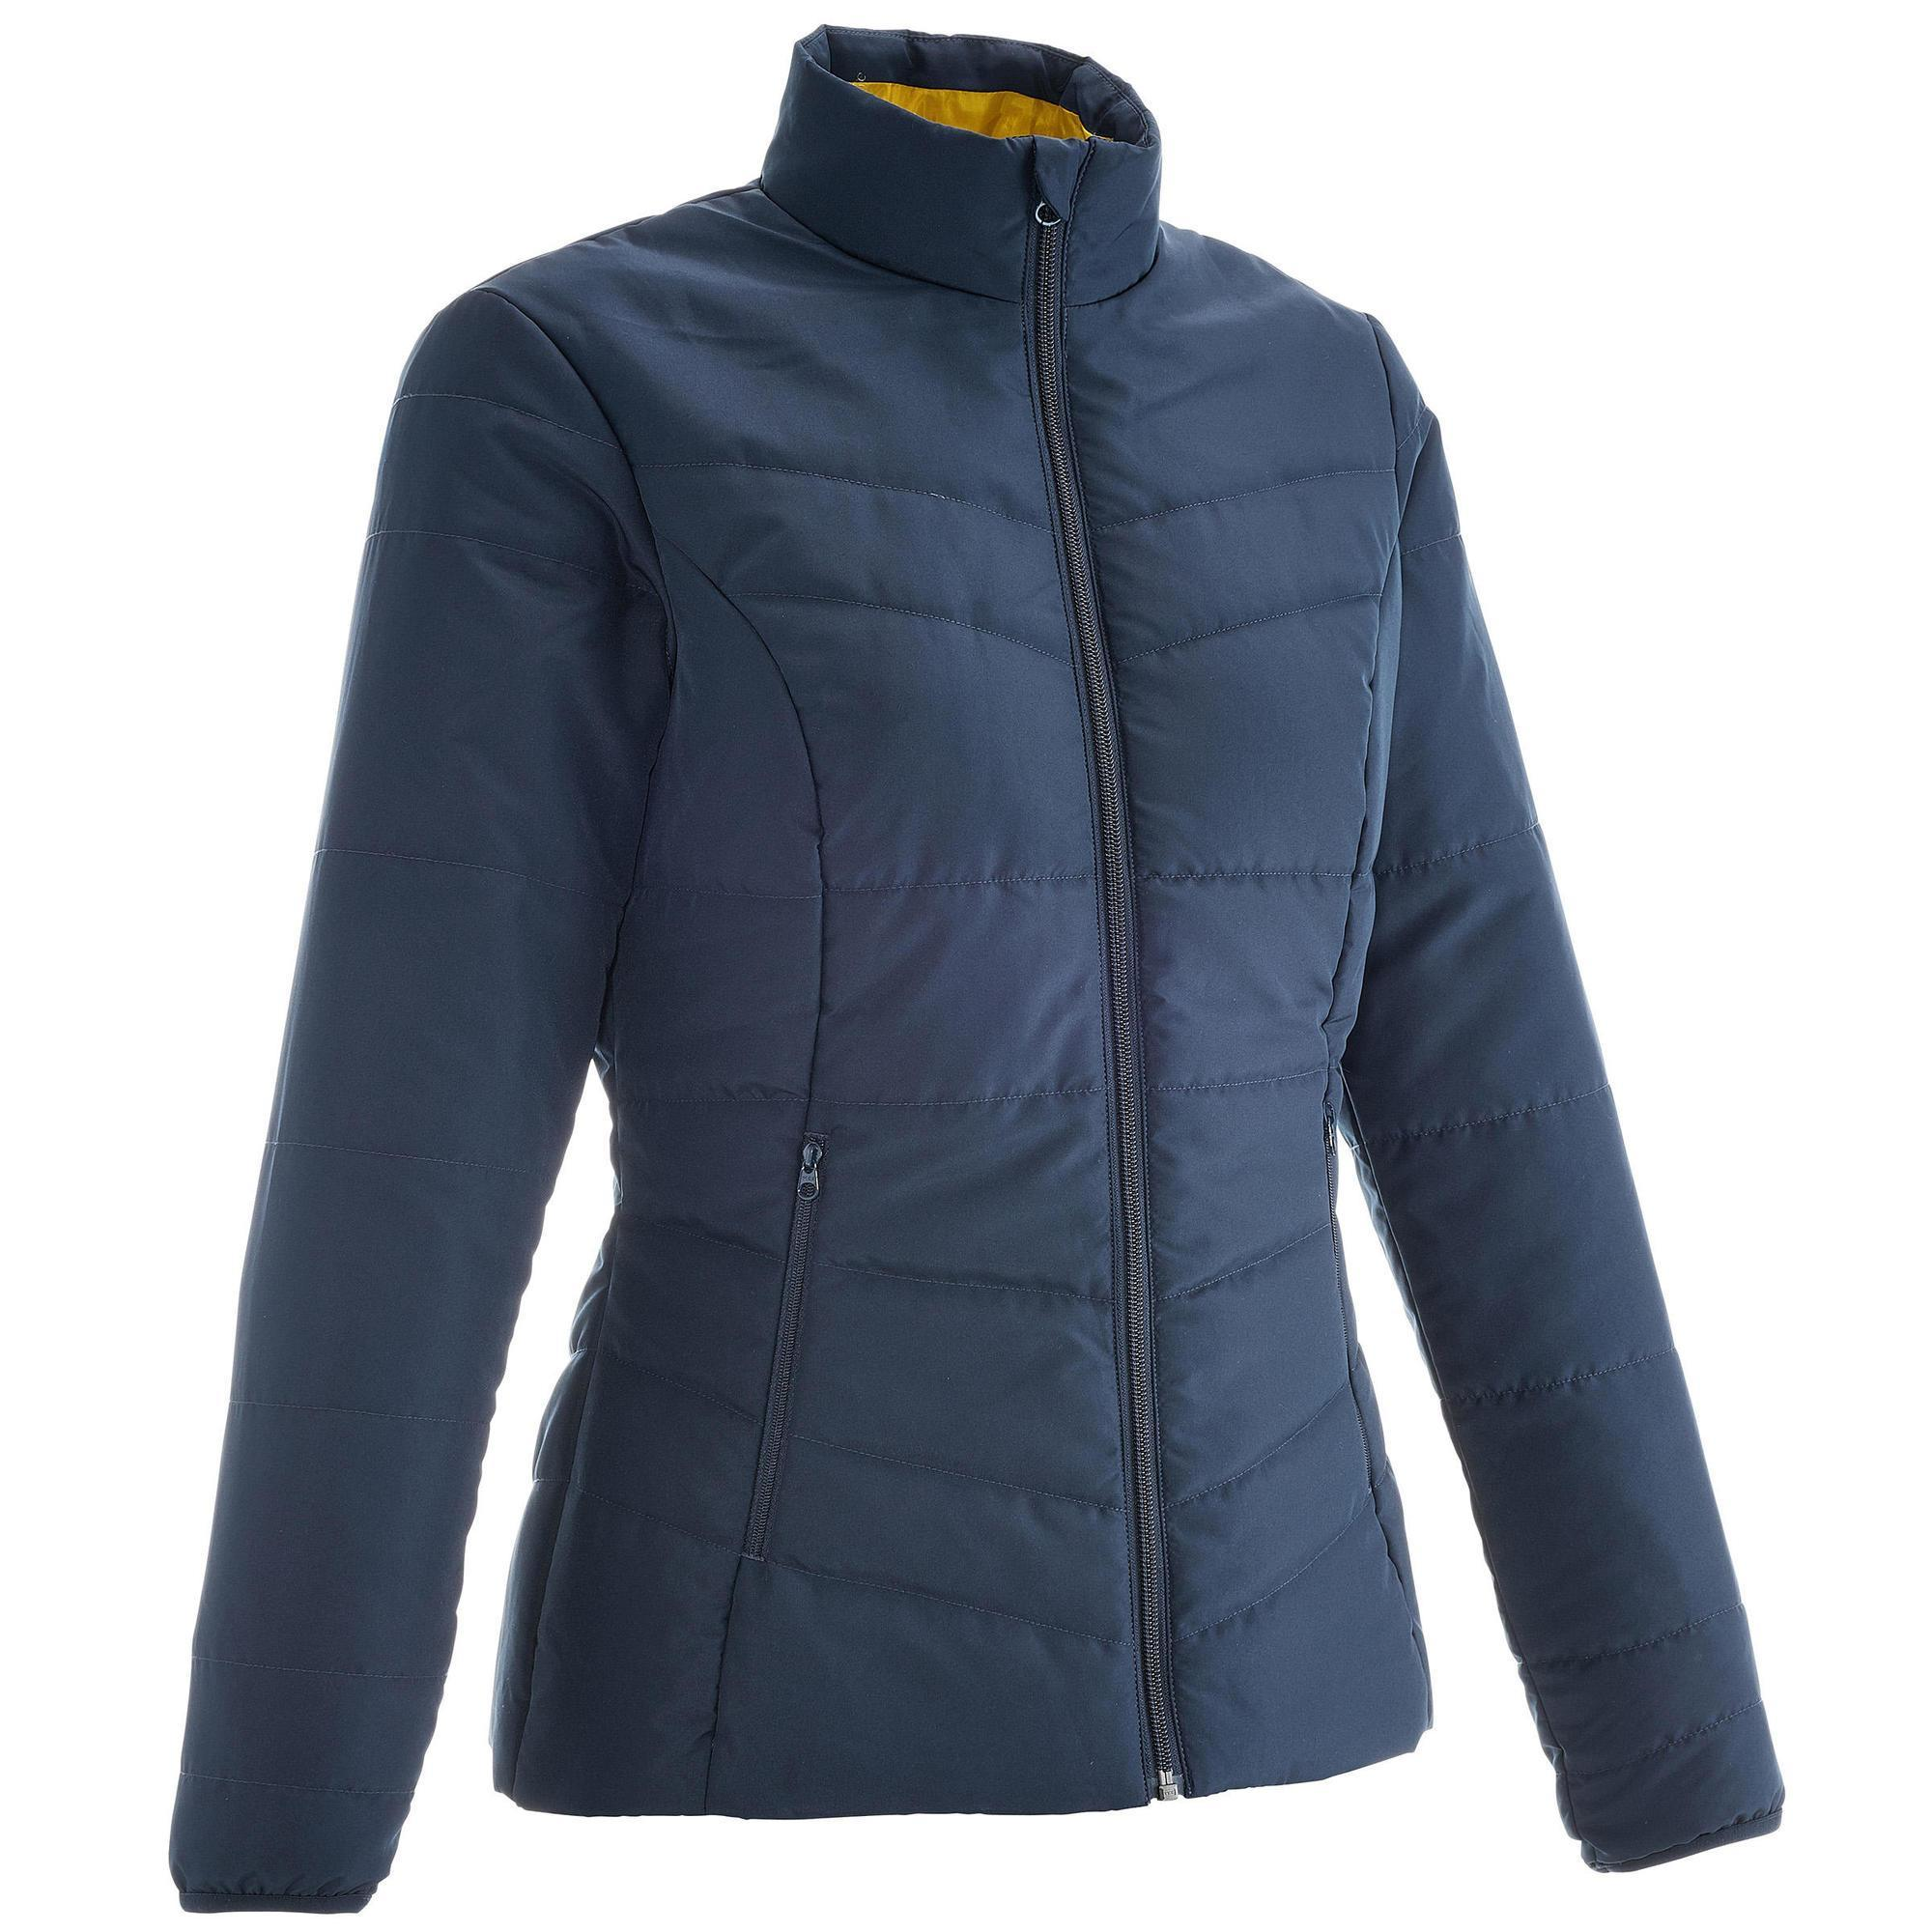 Outdoor kleding kopen met voordeel